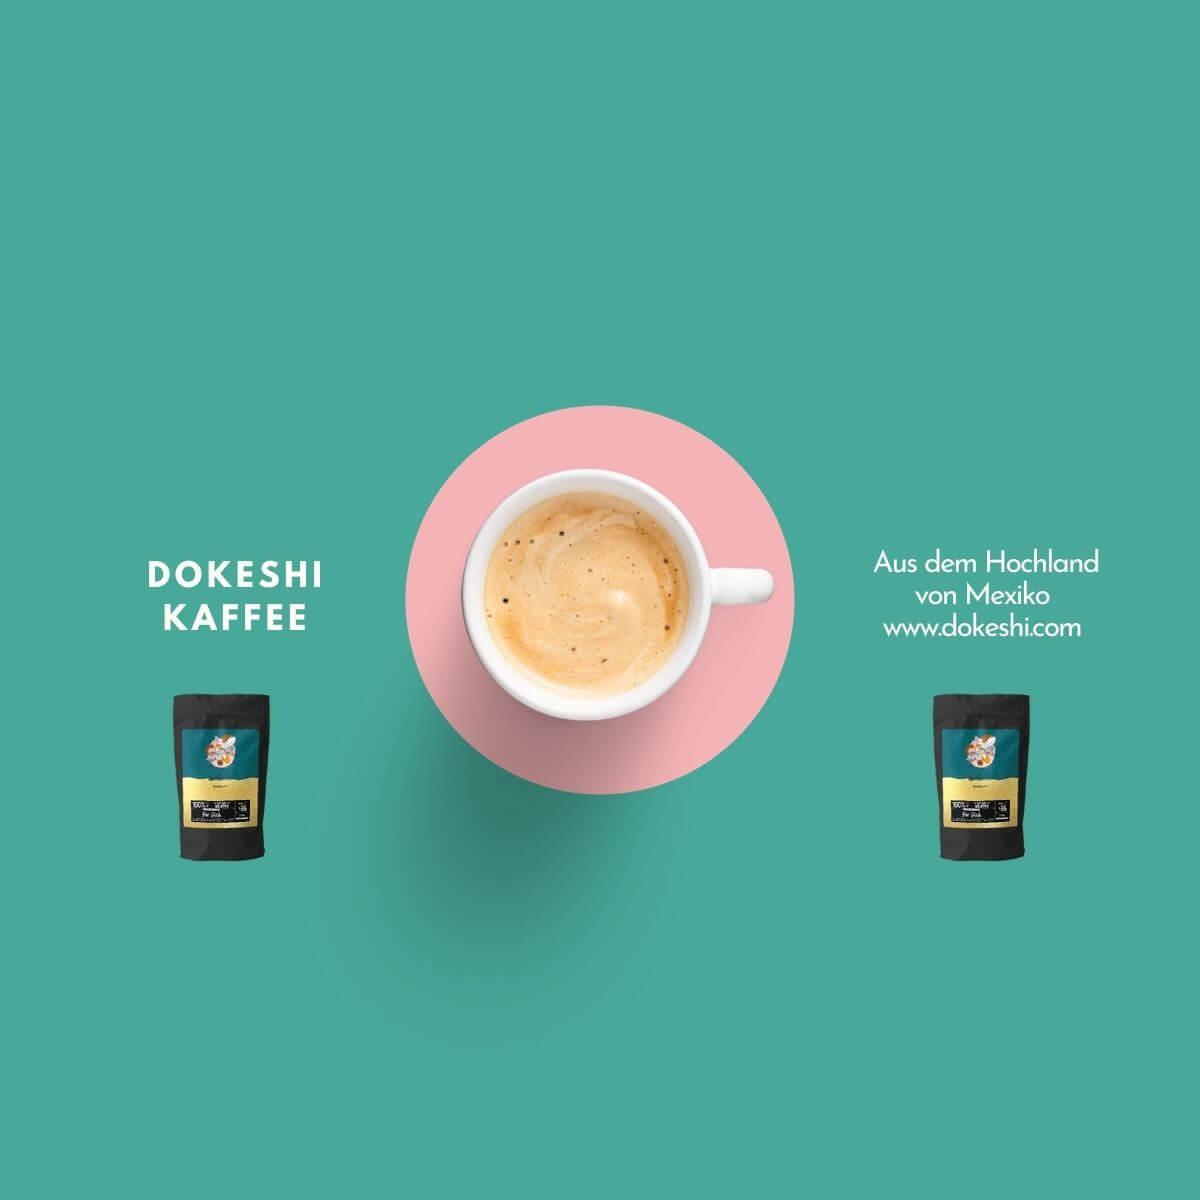 Feiner Arabica-Kaffee, der nach Schoko und Nüssen schmeckt